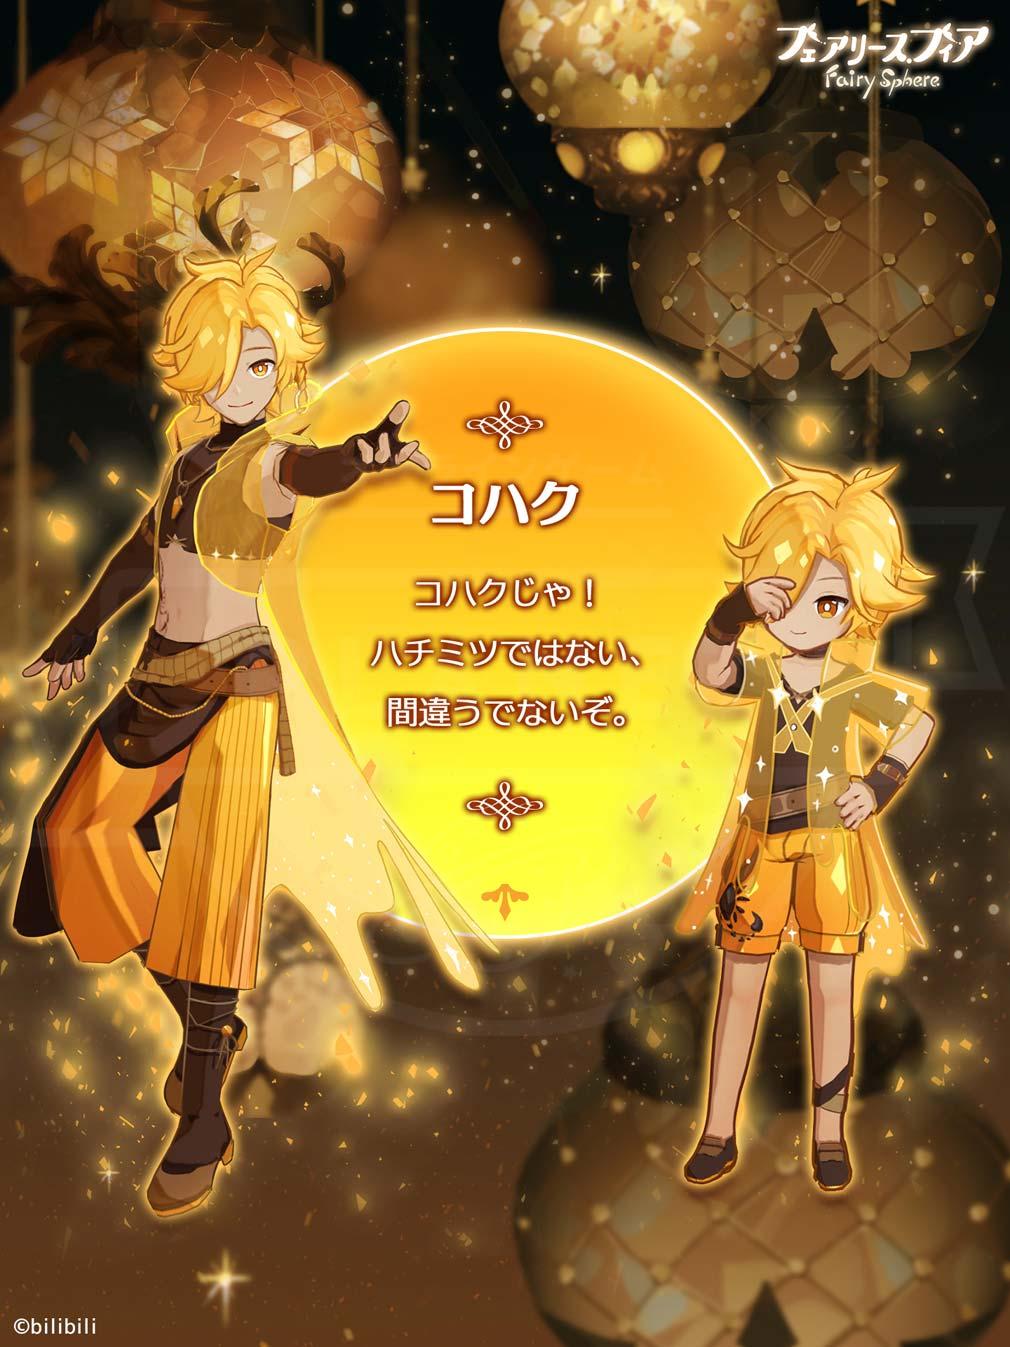 フェアリースフィア(フェアリス) 妖精キャラクター『コハク』紹介イメージ